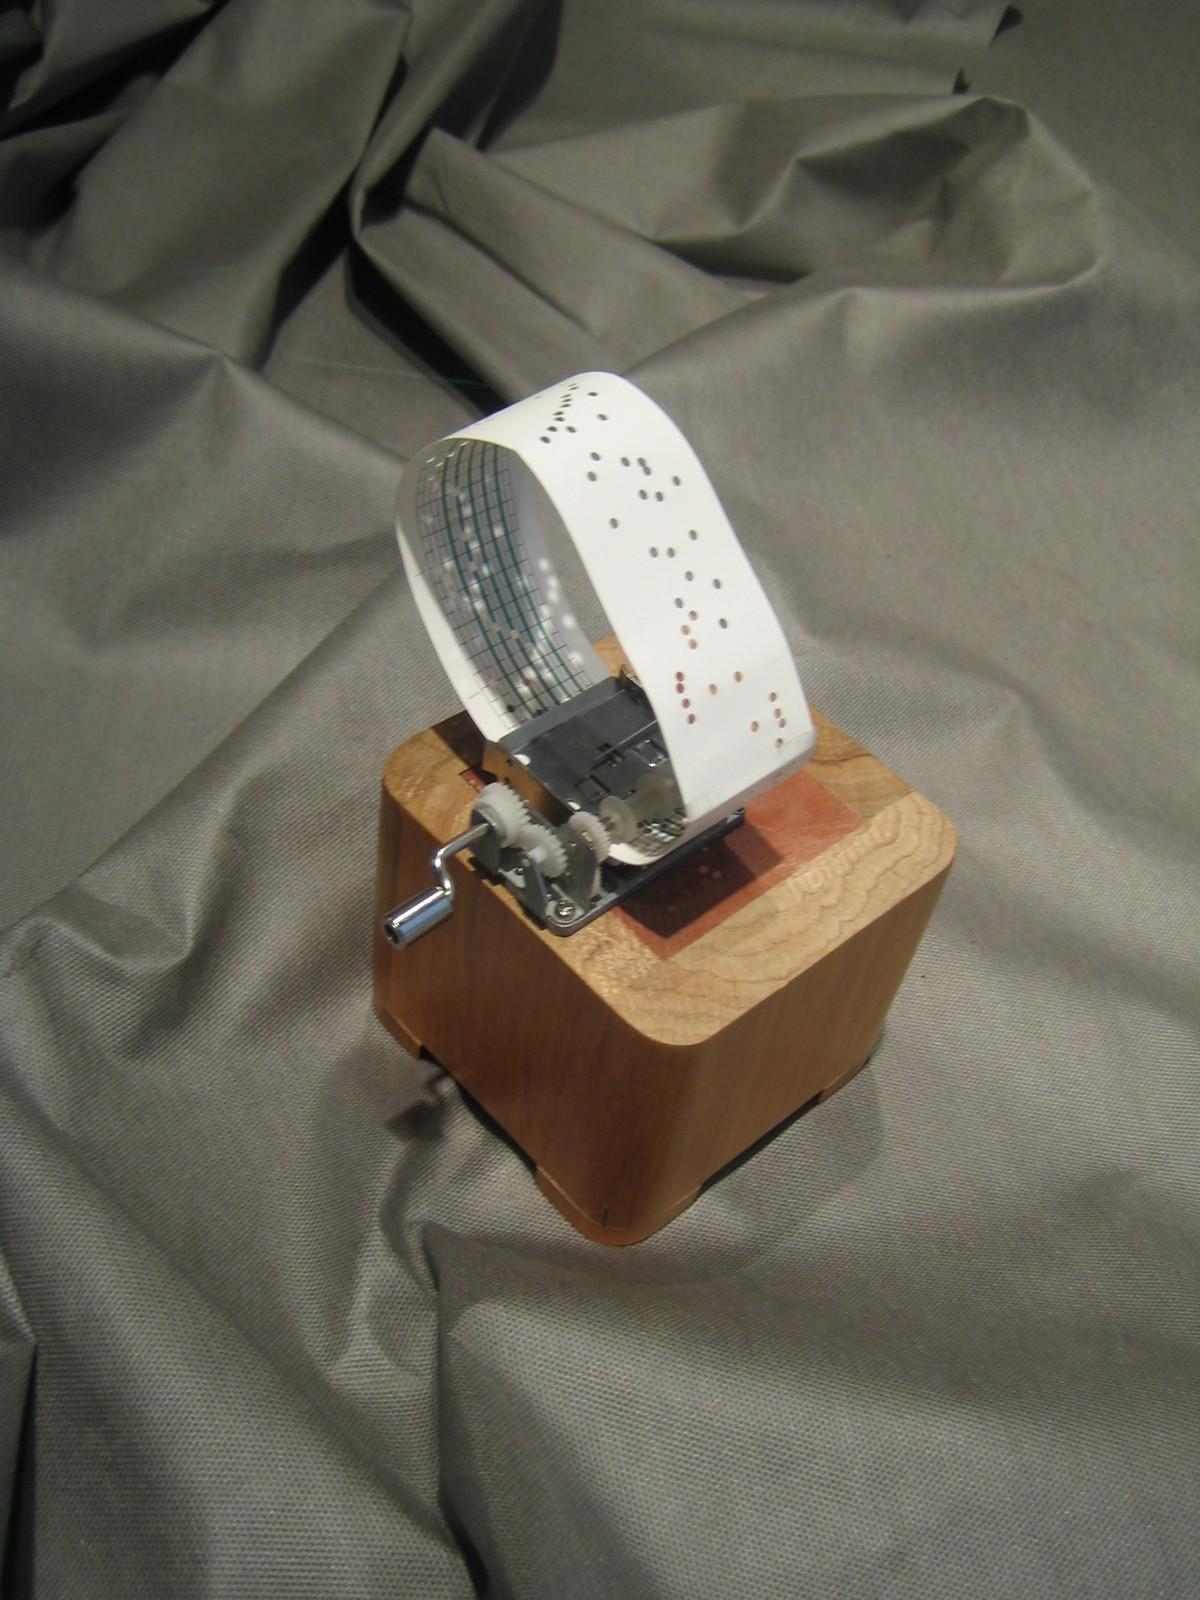 mattress-music-box-2-e1341524941584.jpg